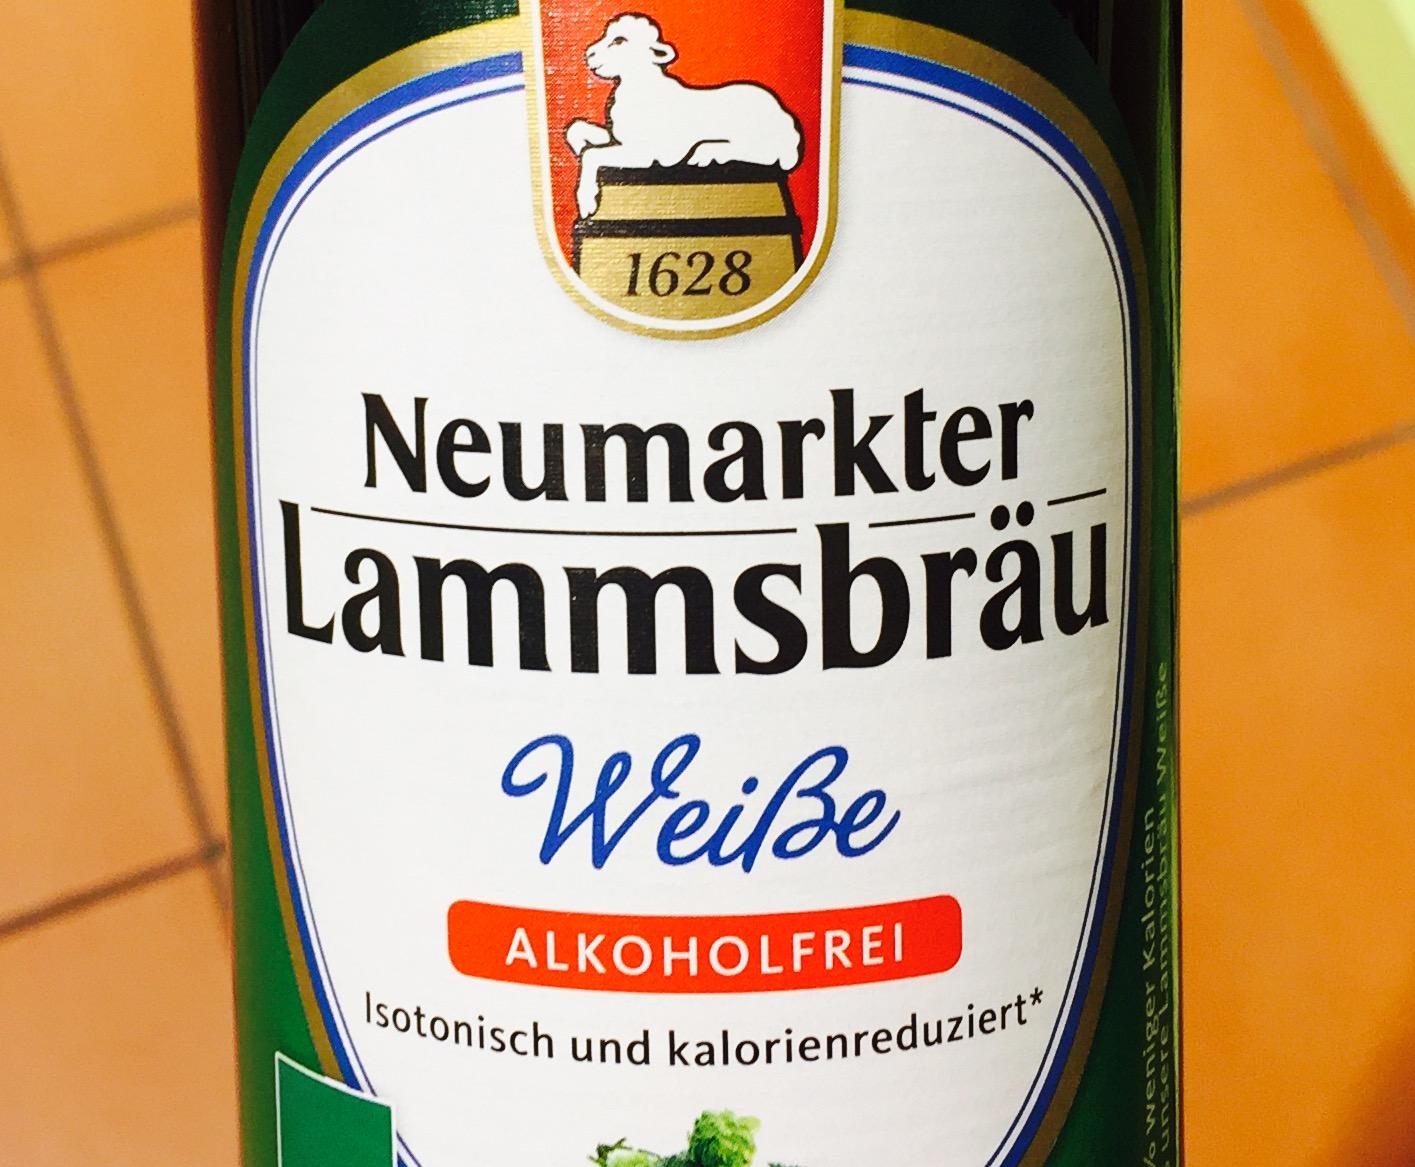 Neumarkter Lammsbräu - Weiße Alkoholfrei